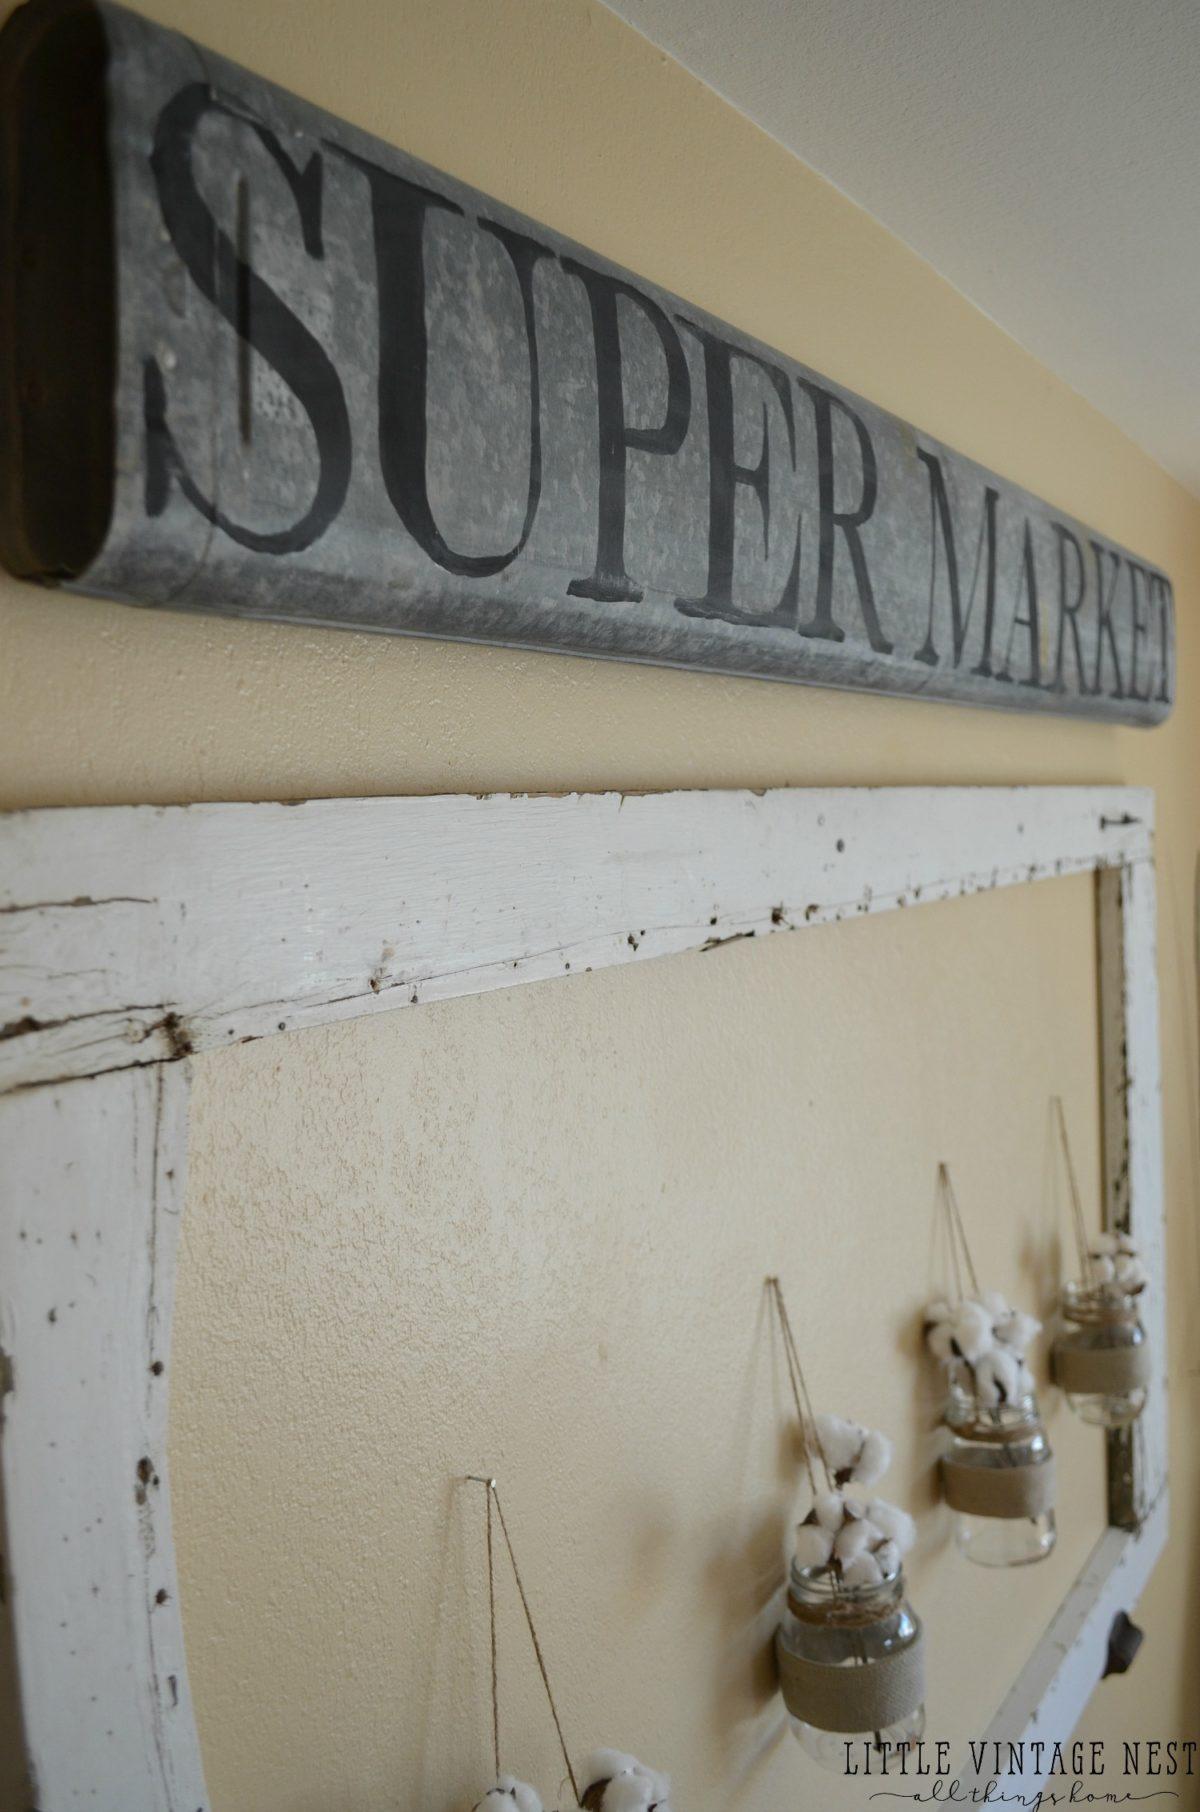 Vintage Supermarket Sign